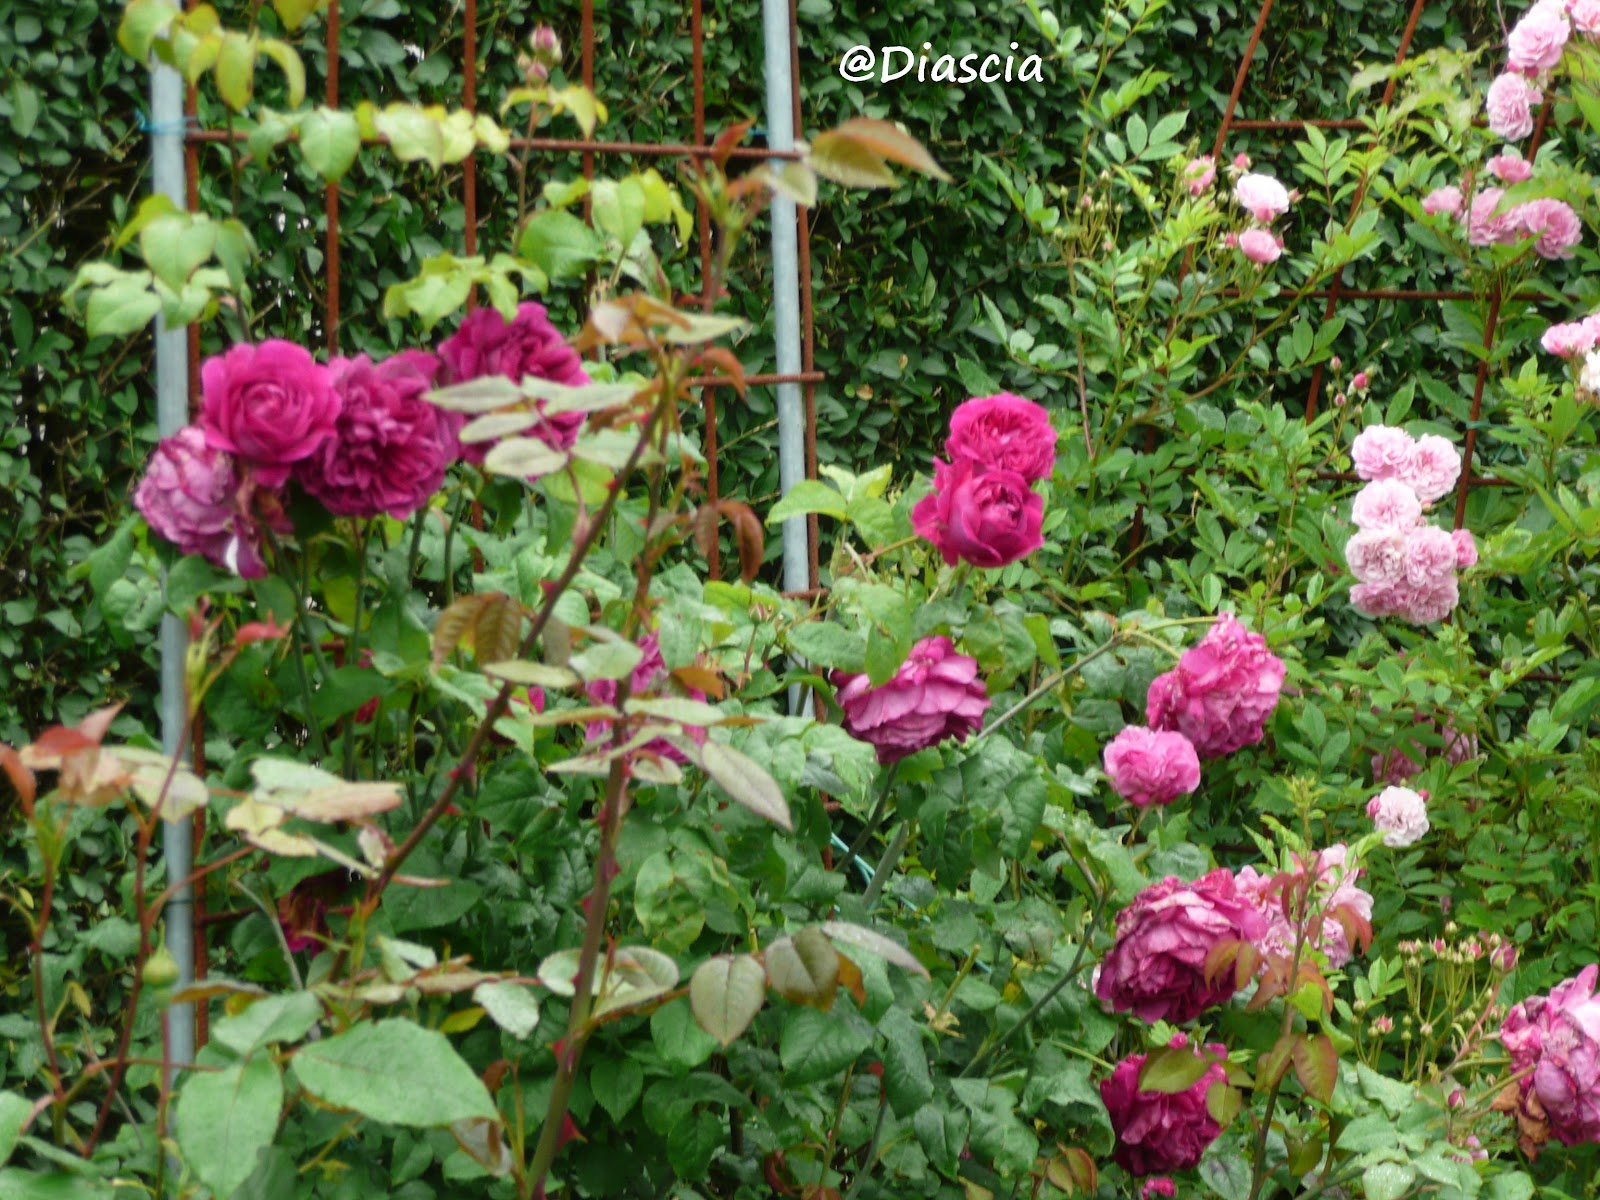 Le jardin de diascia structures en fer a beton - Quand planter un rosier ...